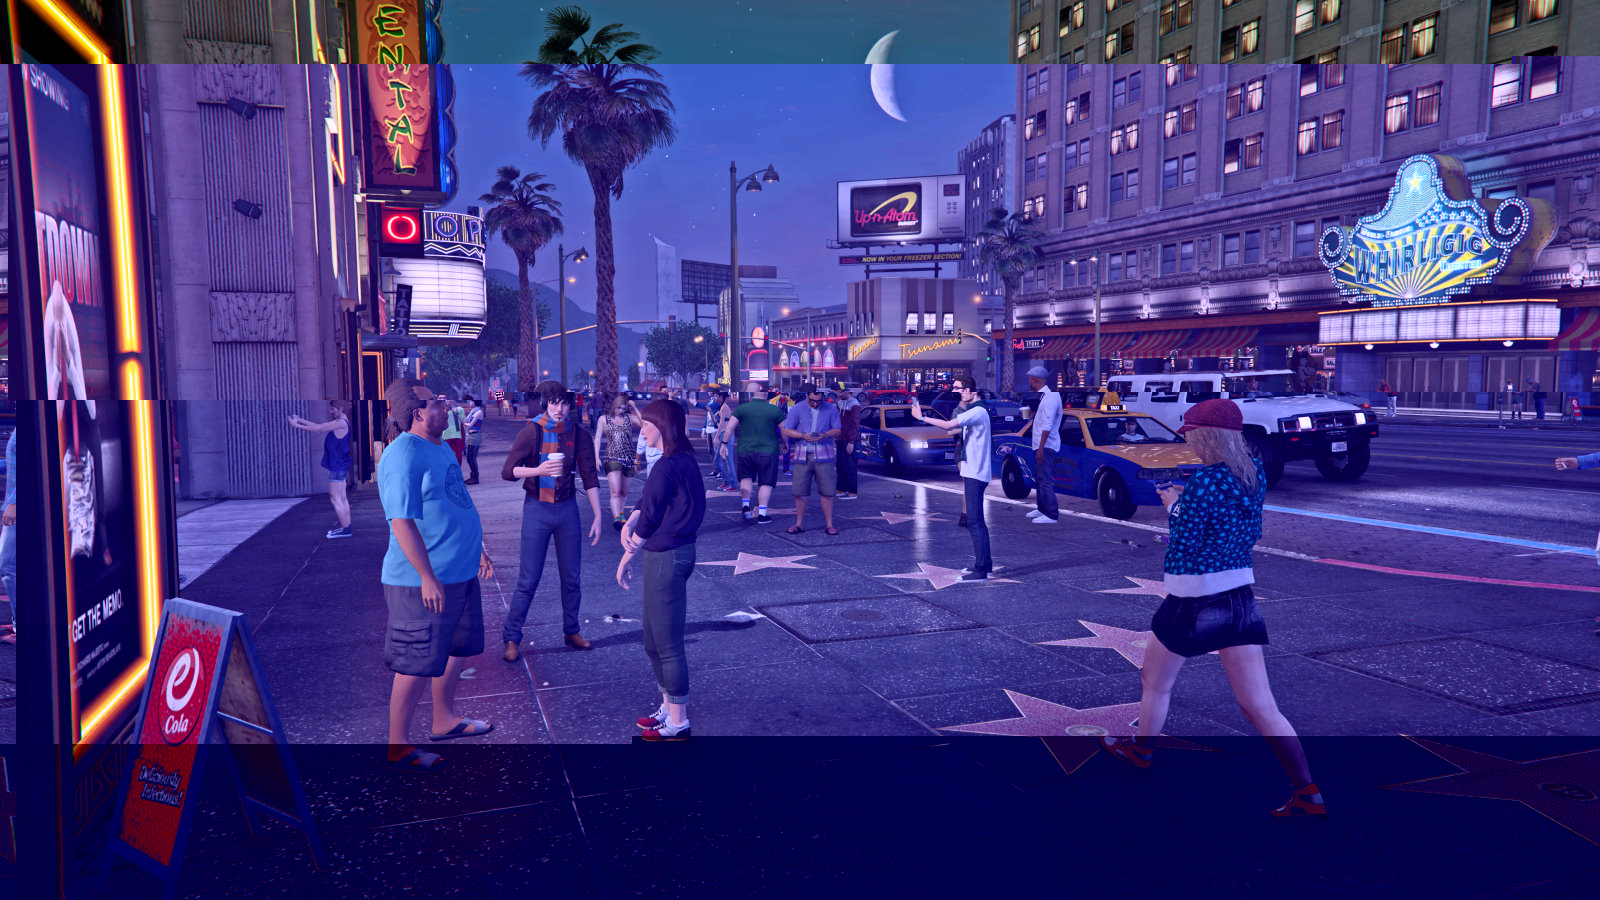 red dead redemption 2 سیستم مورد نیاز ۱۵ تصویر جدید از نسخه PC بازی GTA V